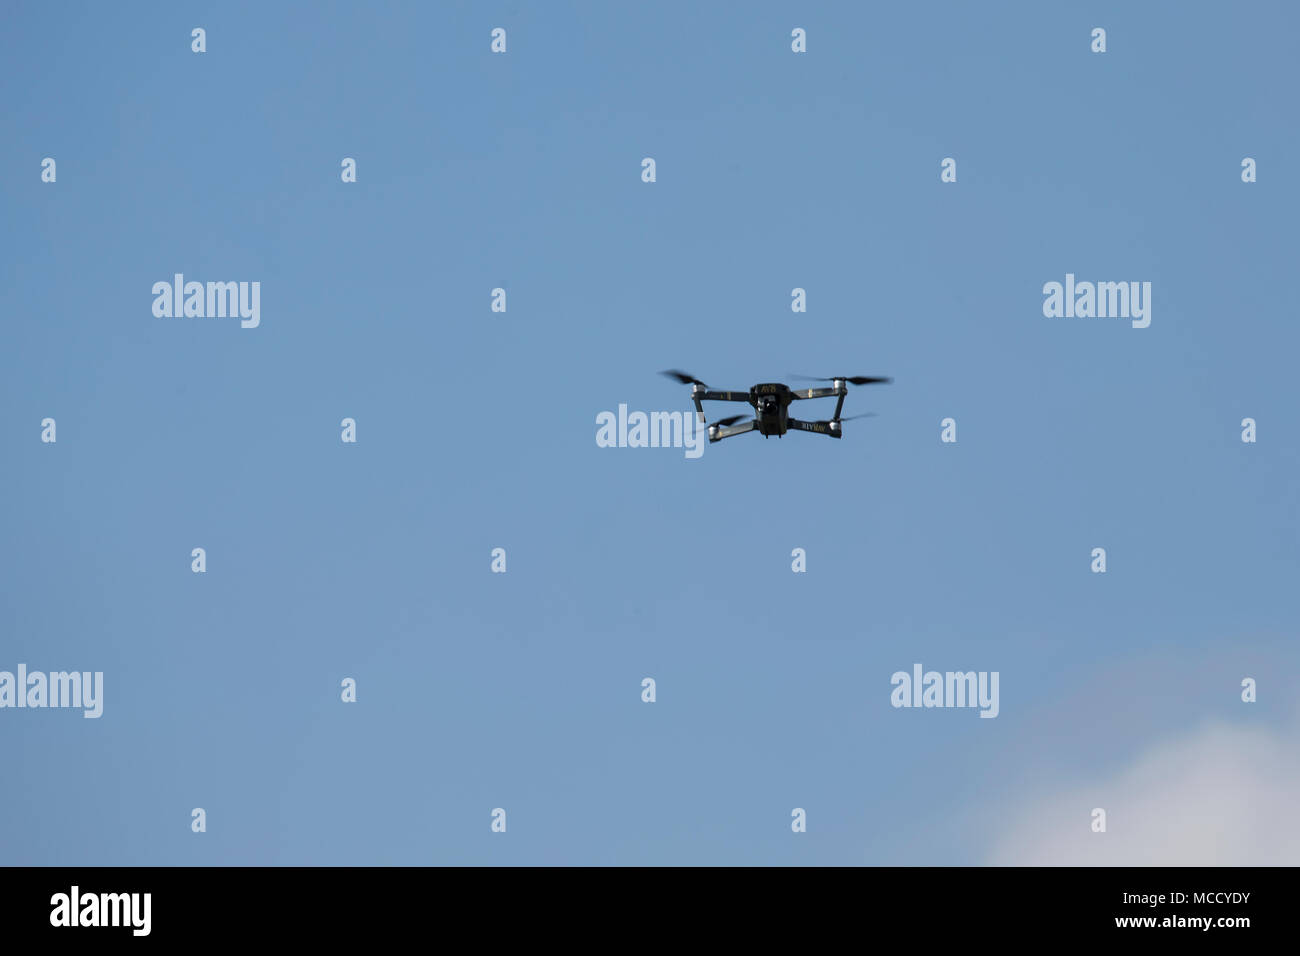 Niveau de l'oeil photo de drone avec caméra dans un ciel bleu Banque D'Images